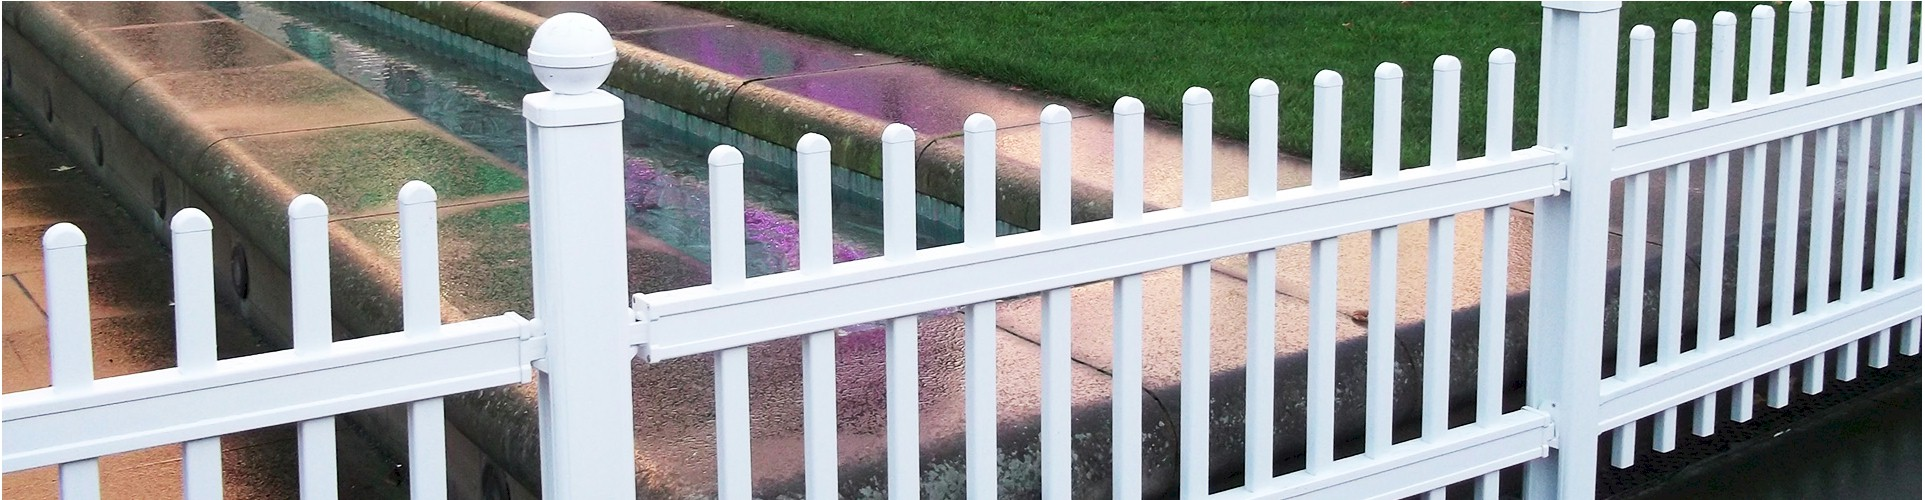 looking suppliers of plastic garden fencingorder online at